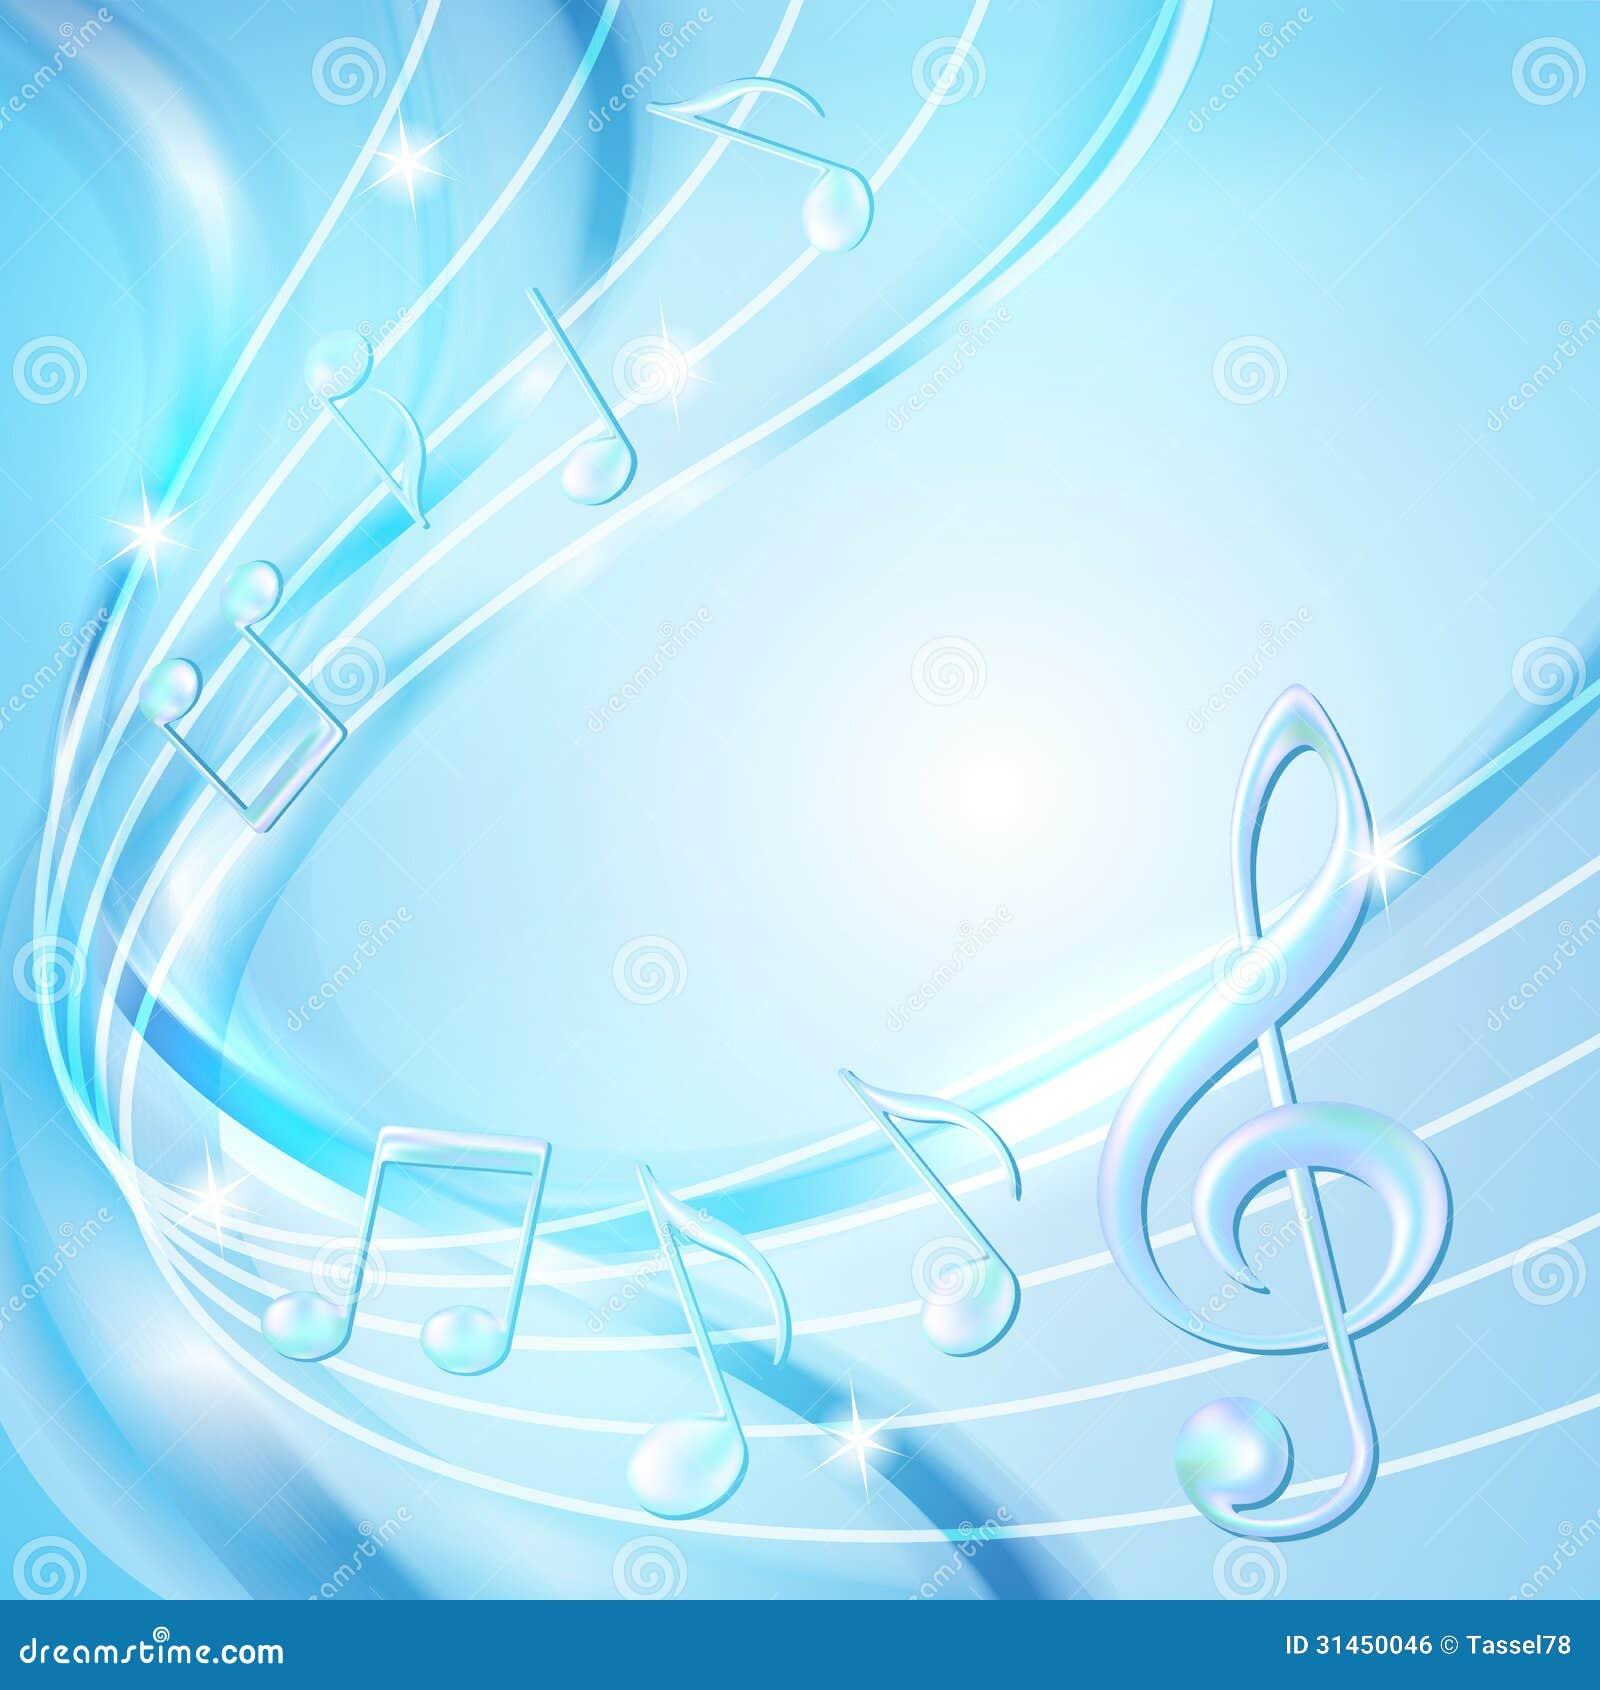 Le Résumé Bleu Note Le Fond De Musique. Image libre de droits ...